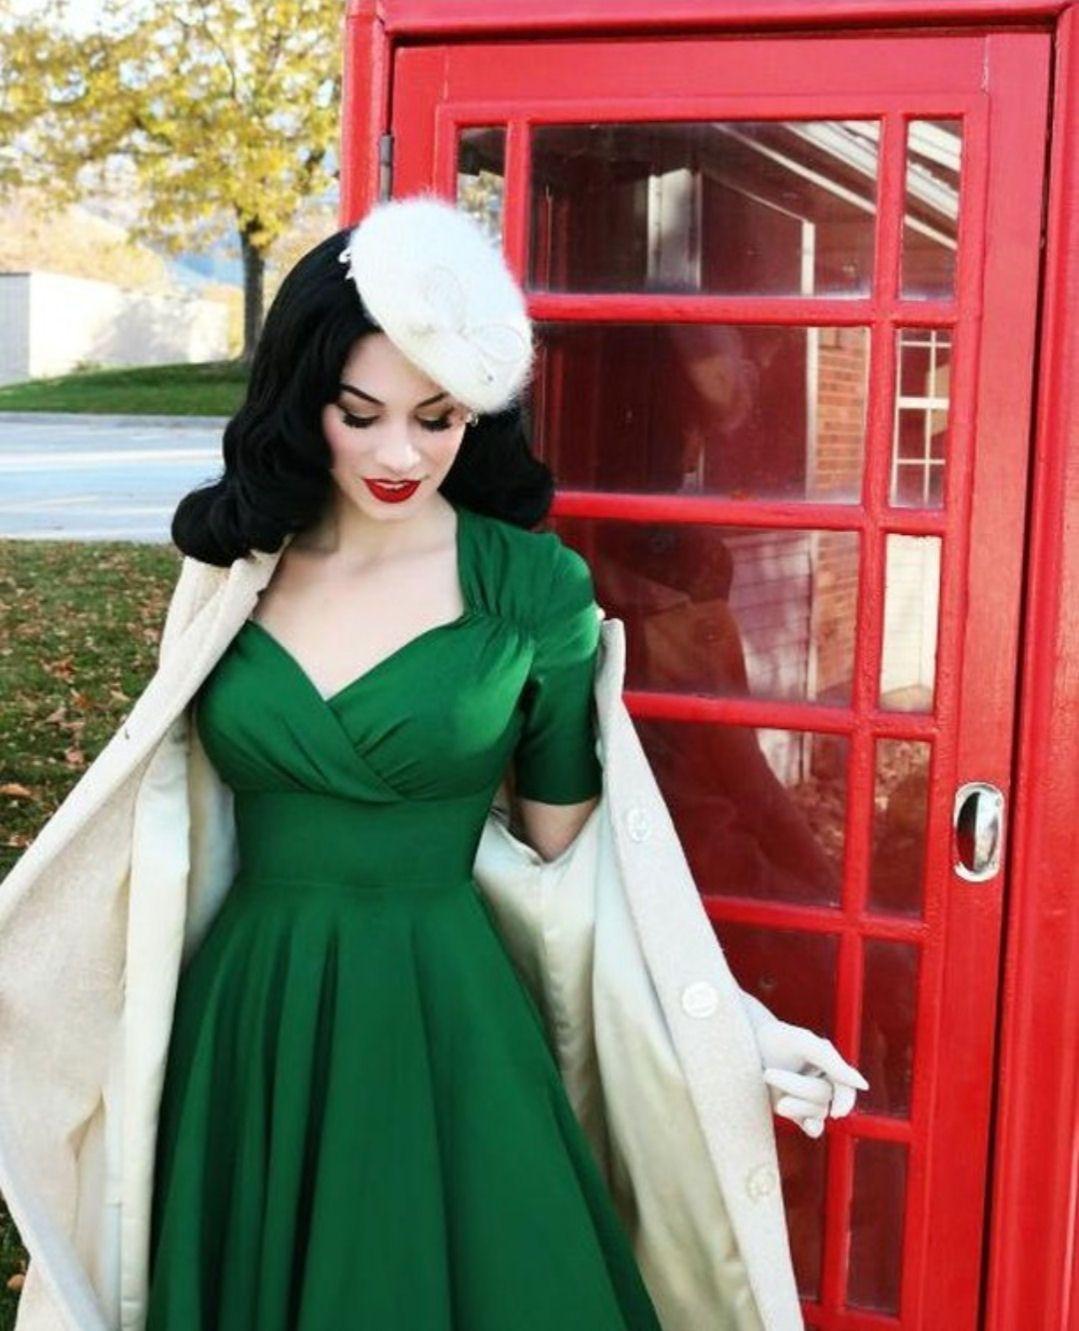 Green 3 4 Sleeve Full Swing Skirt 50 S Dress Rockabilly Style Dress Rockabilly Dress Swing Dress 50s [ 1331 x 1079 Pixel ]